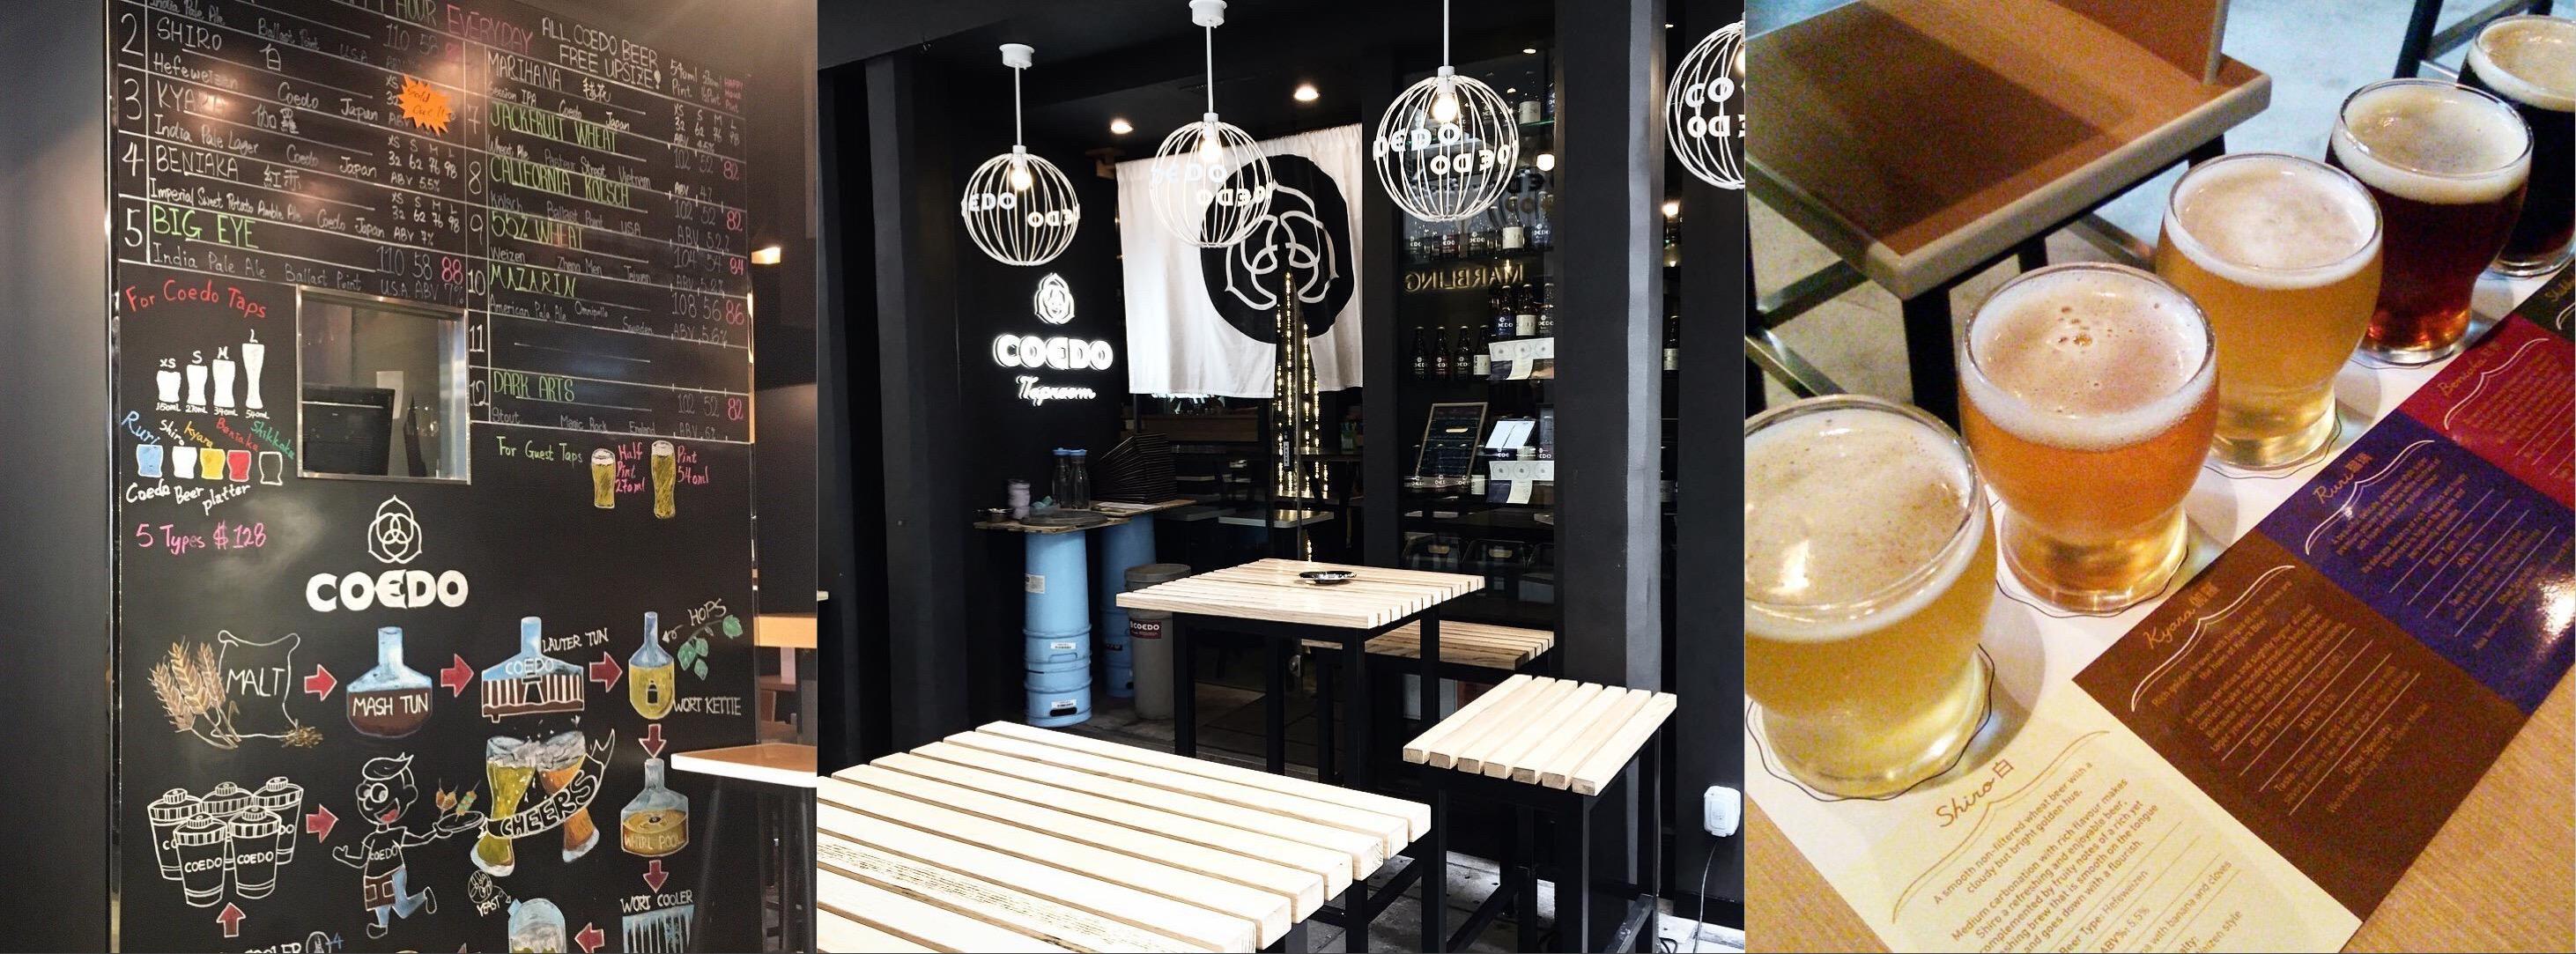 銅鑼灣餐廳-Coedo